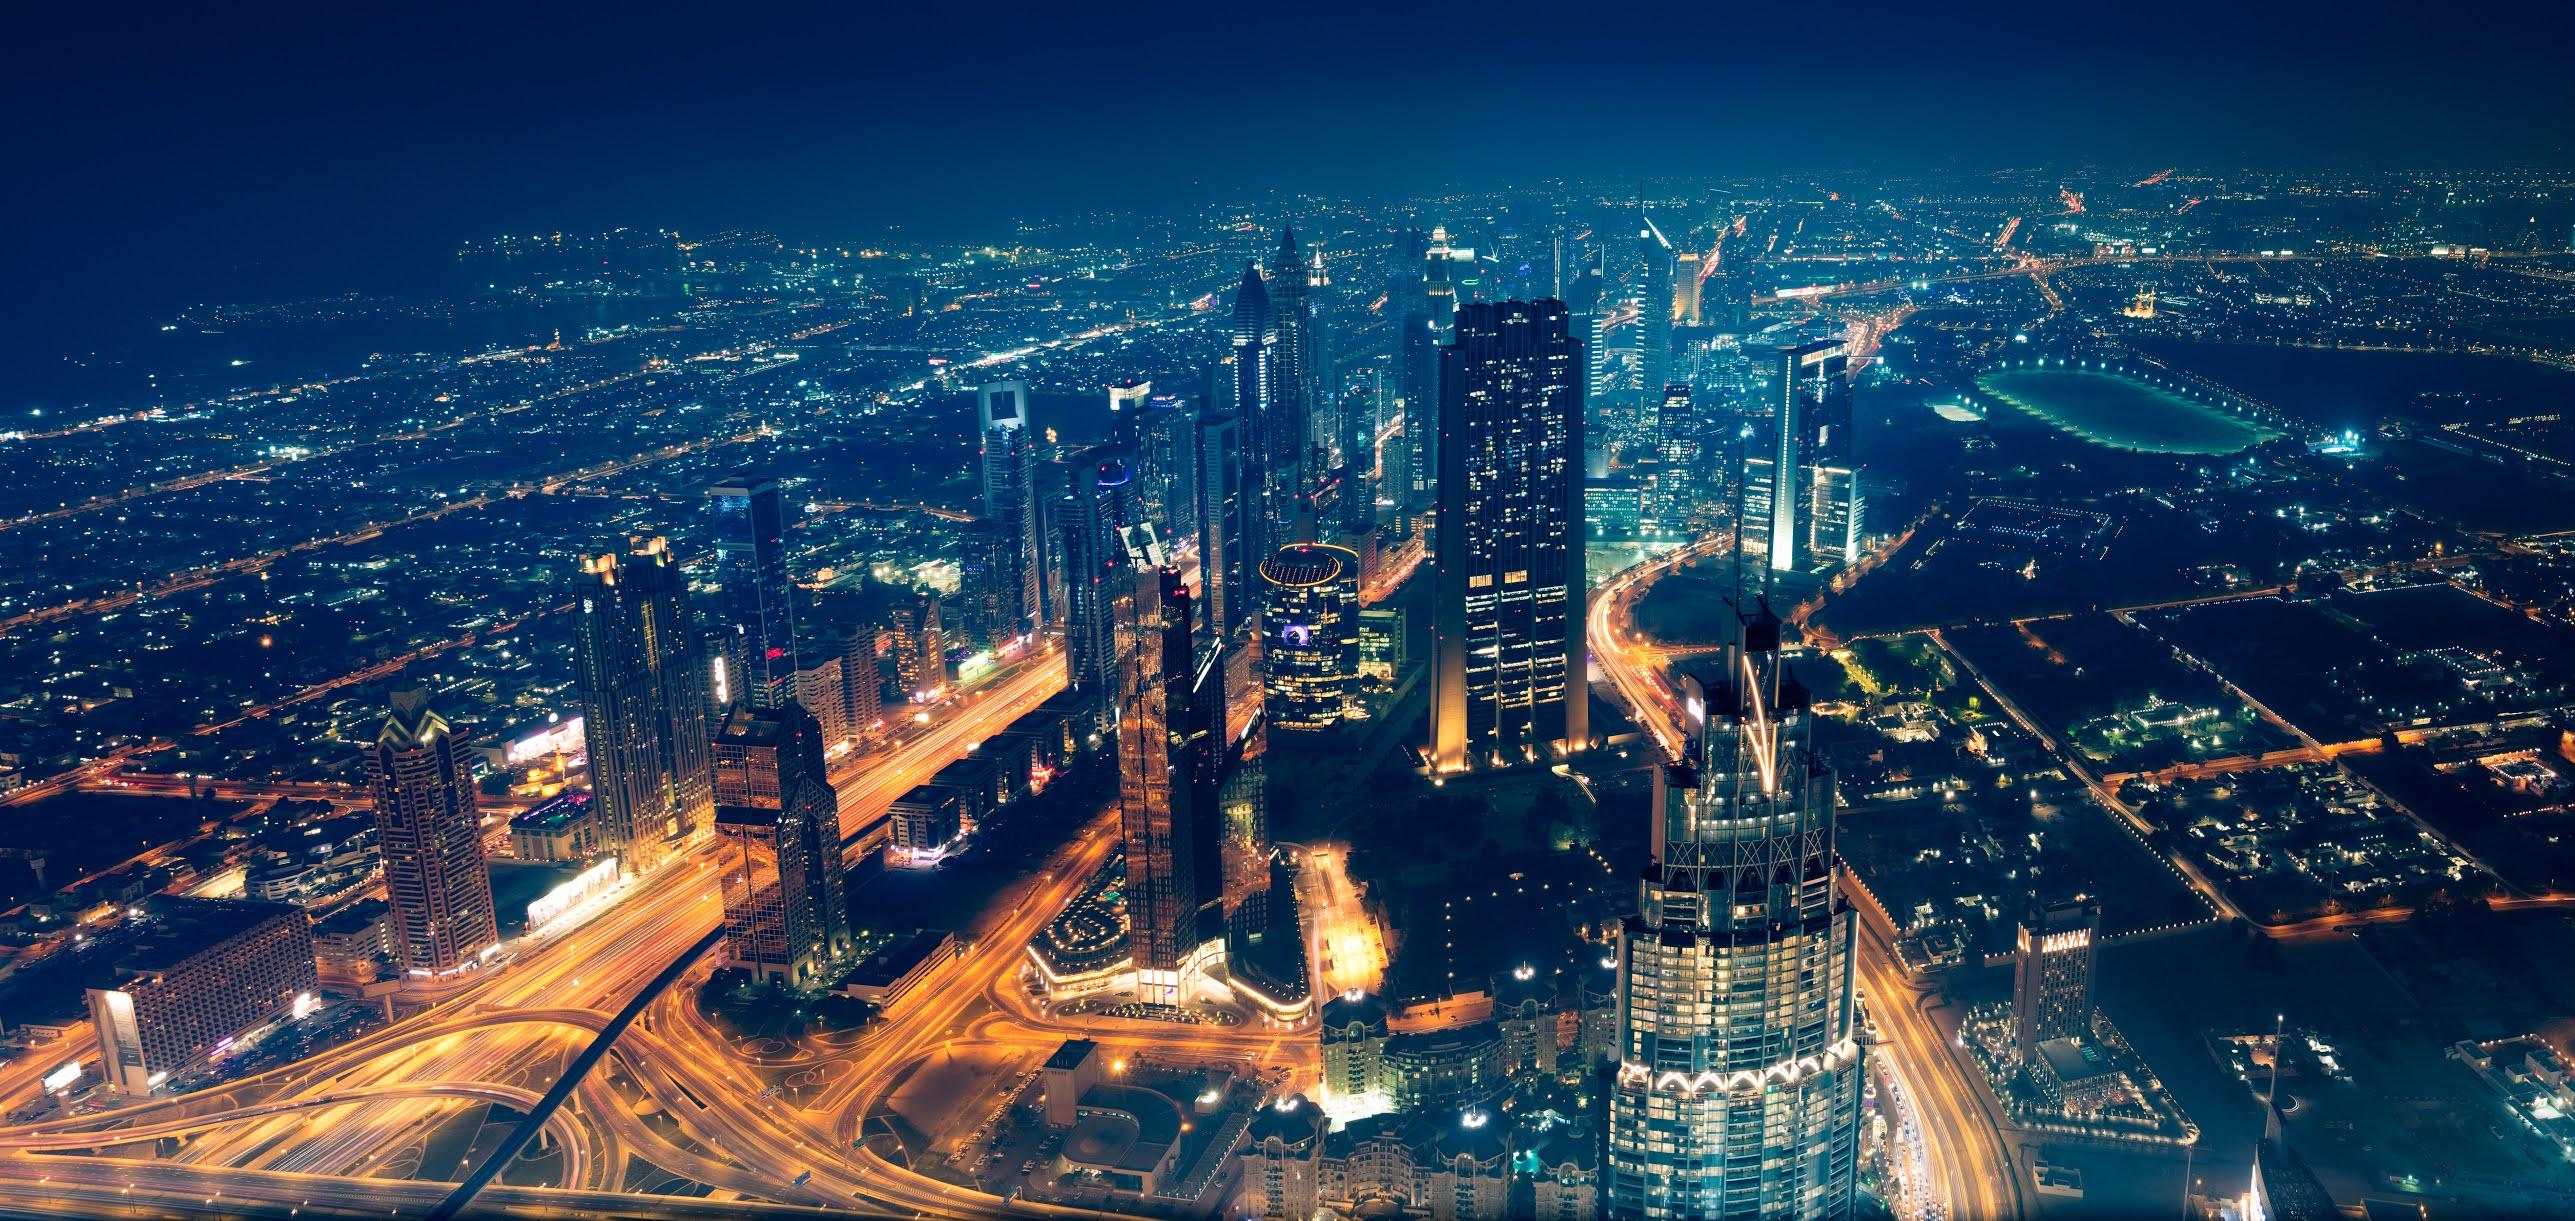 دبي تطلق برنامجاً استراتيجياً لتحويل الإمارة إلى مركز عالمي للإبداع